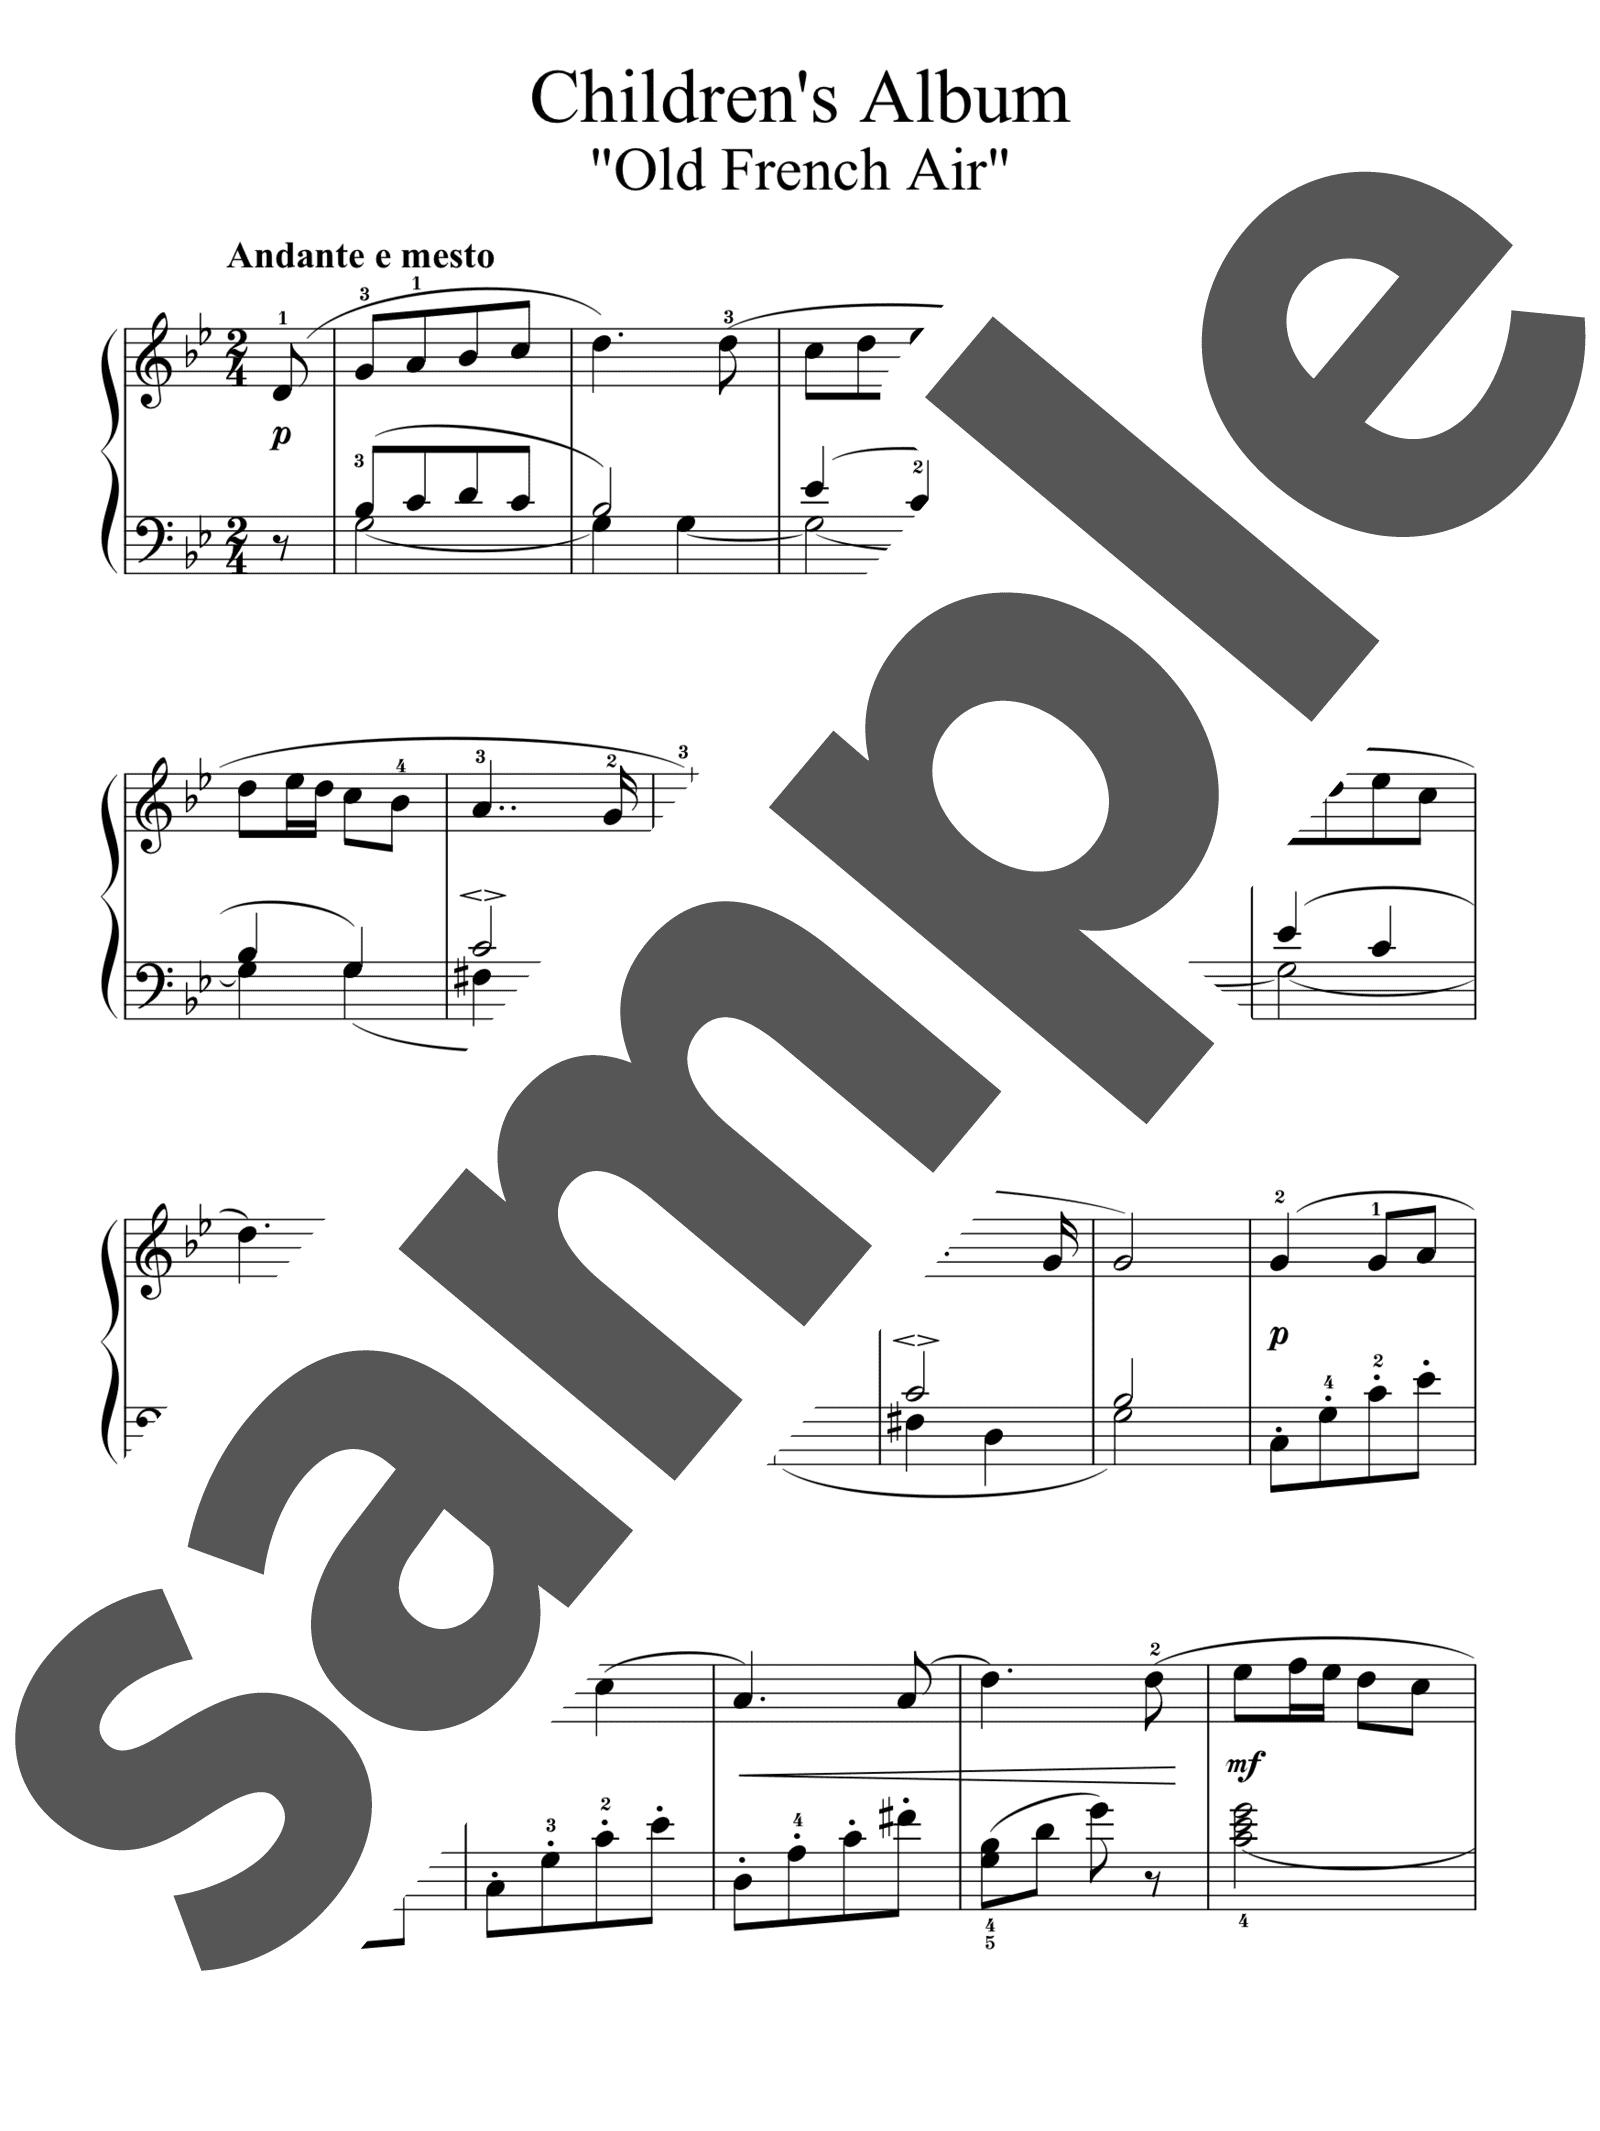 「子供のアルバムより「フランスの古い歌」」のサンプル楽譜